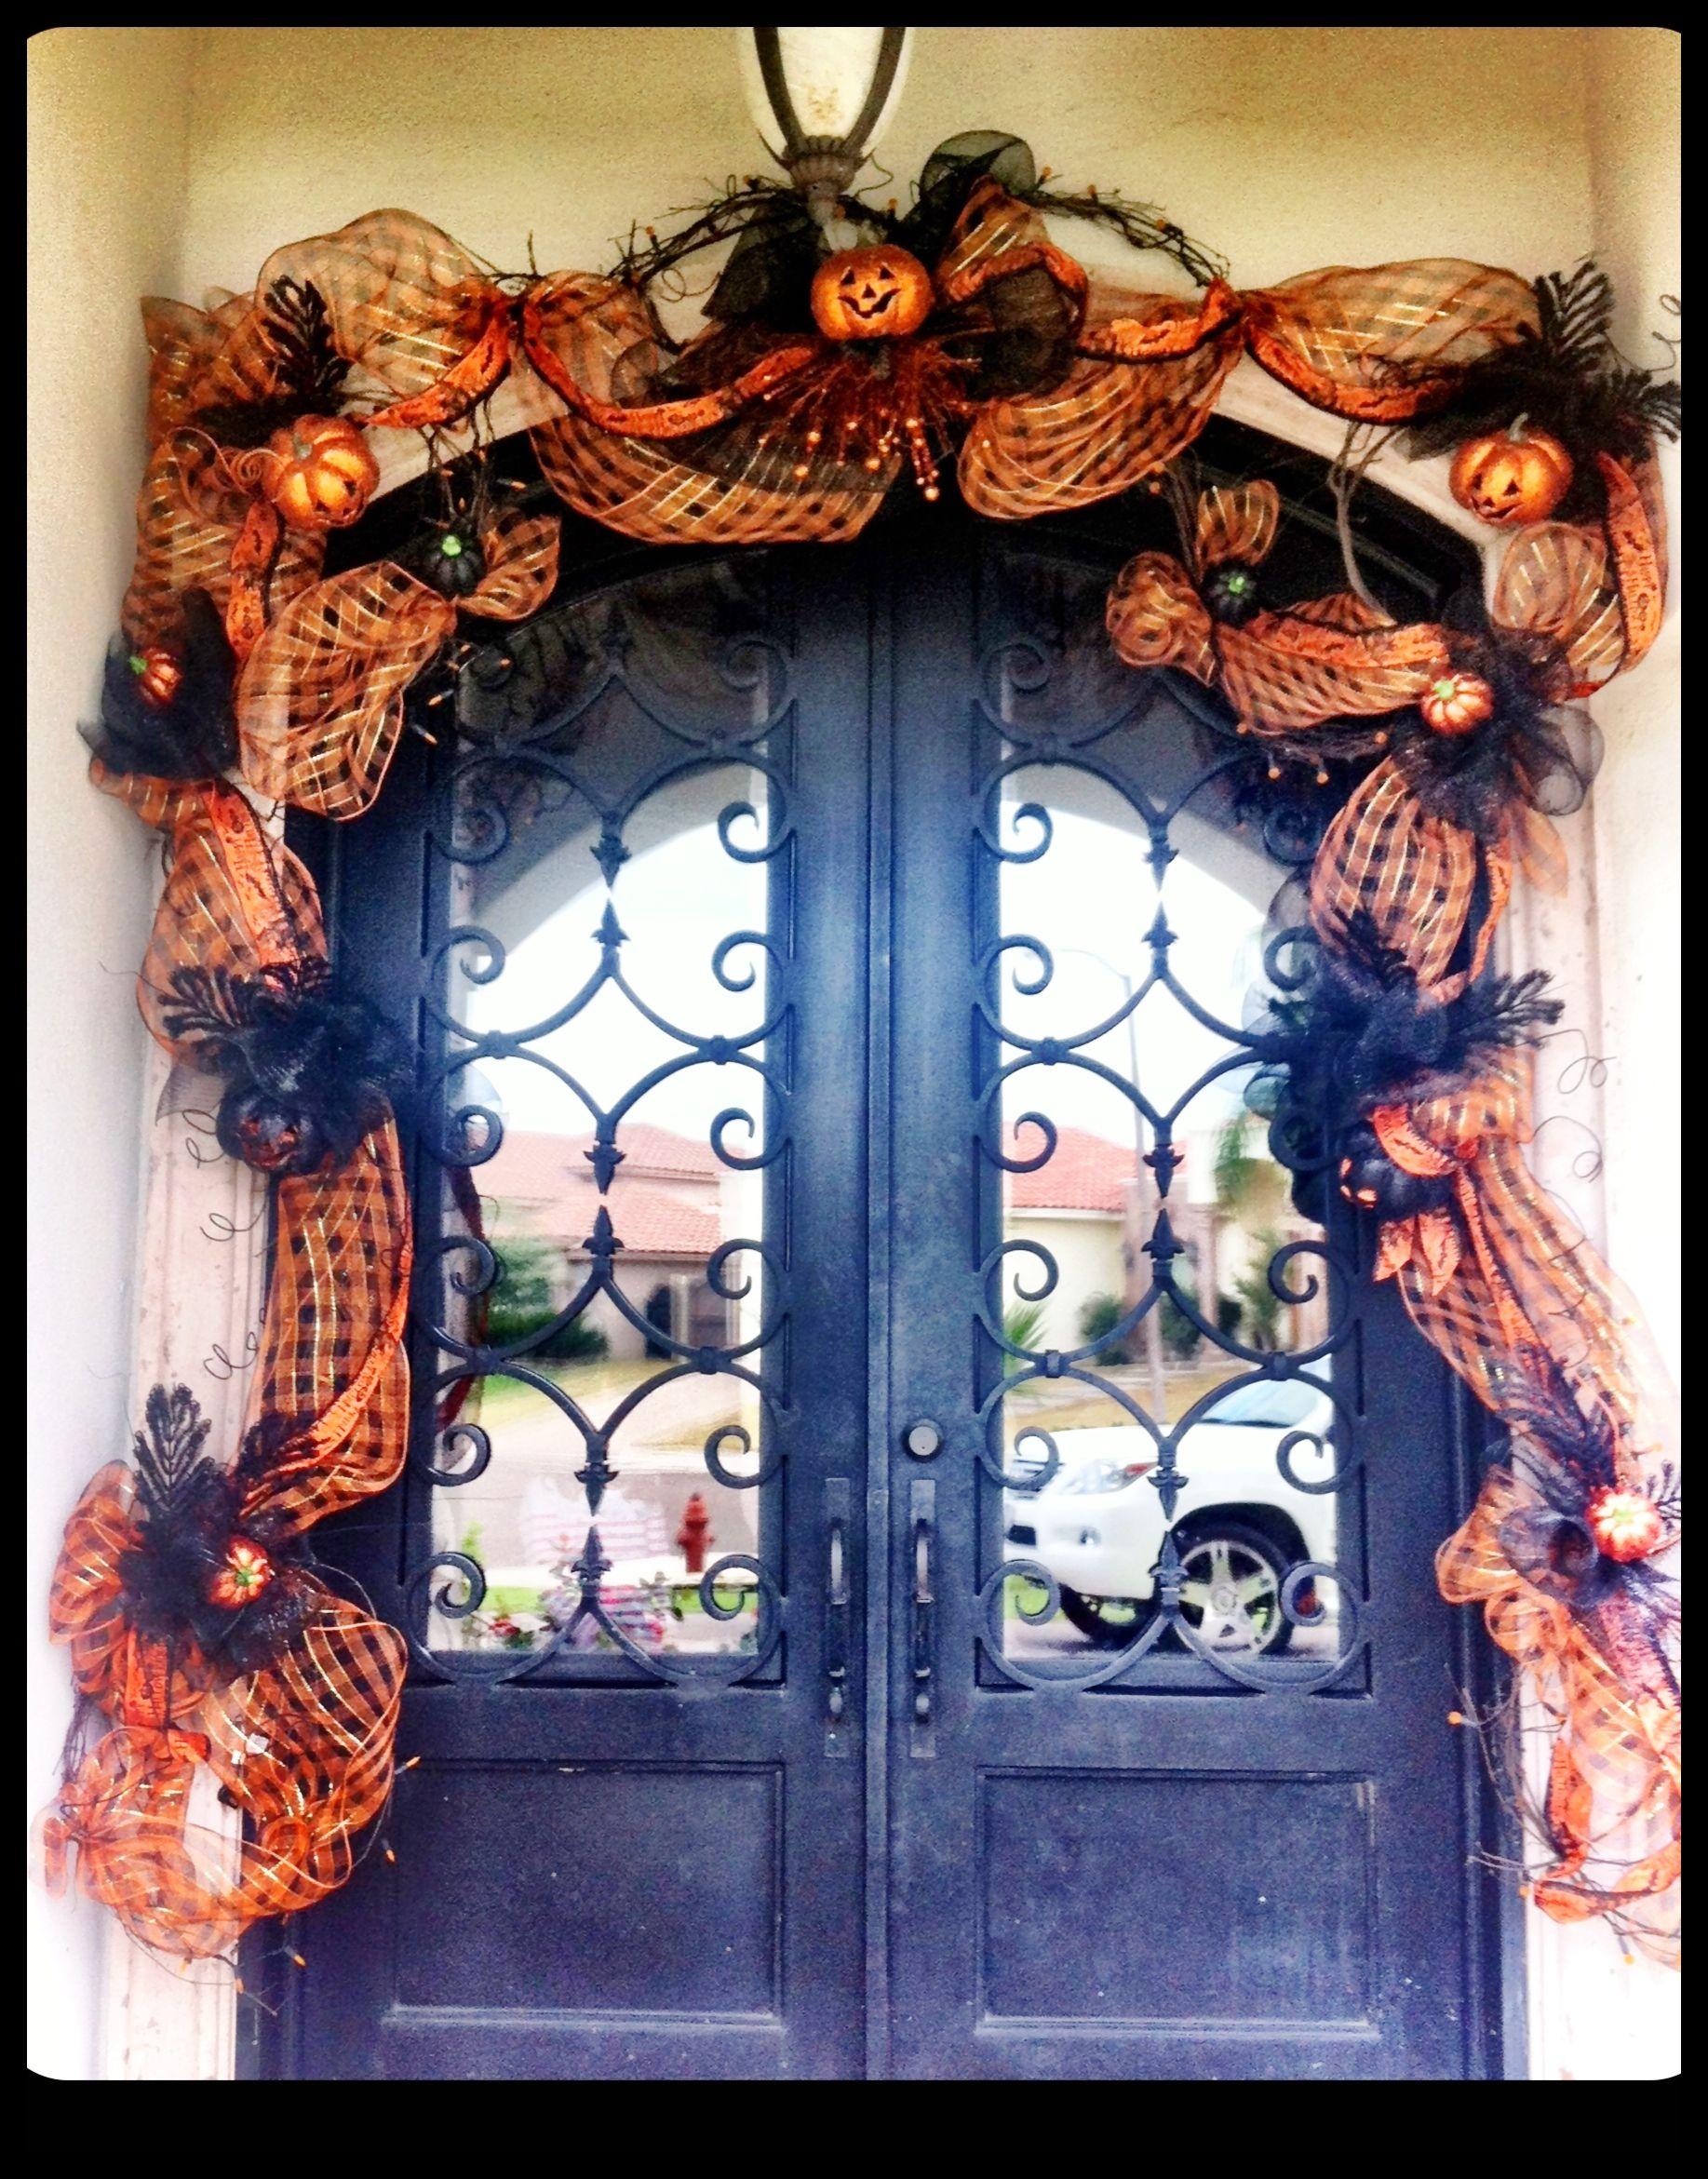 Decorating Your Front Door For Halloween Halloween Door Decorations Halloween Front Porch Decor Halloween Decorations